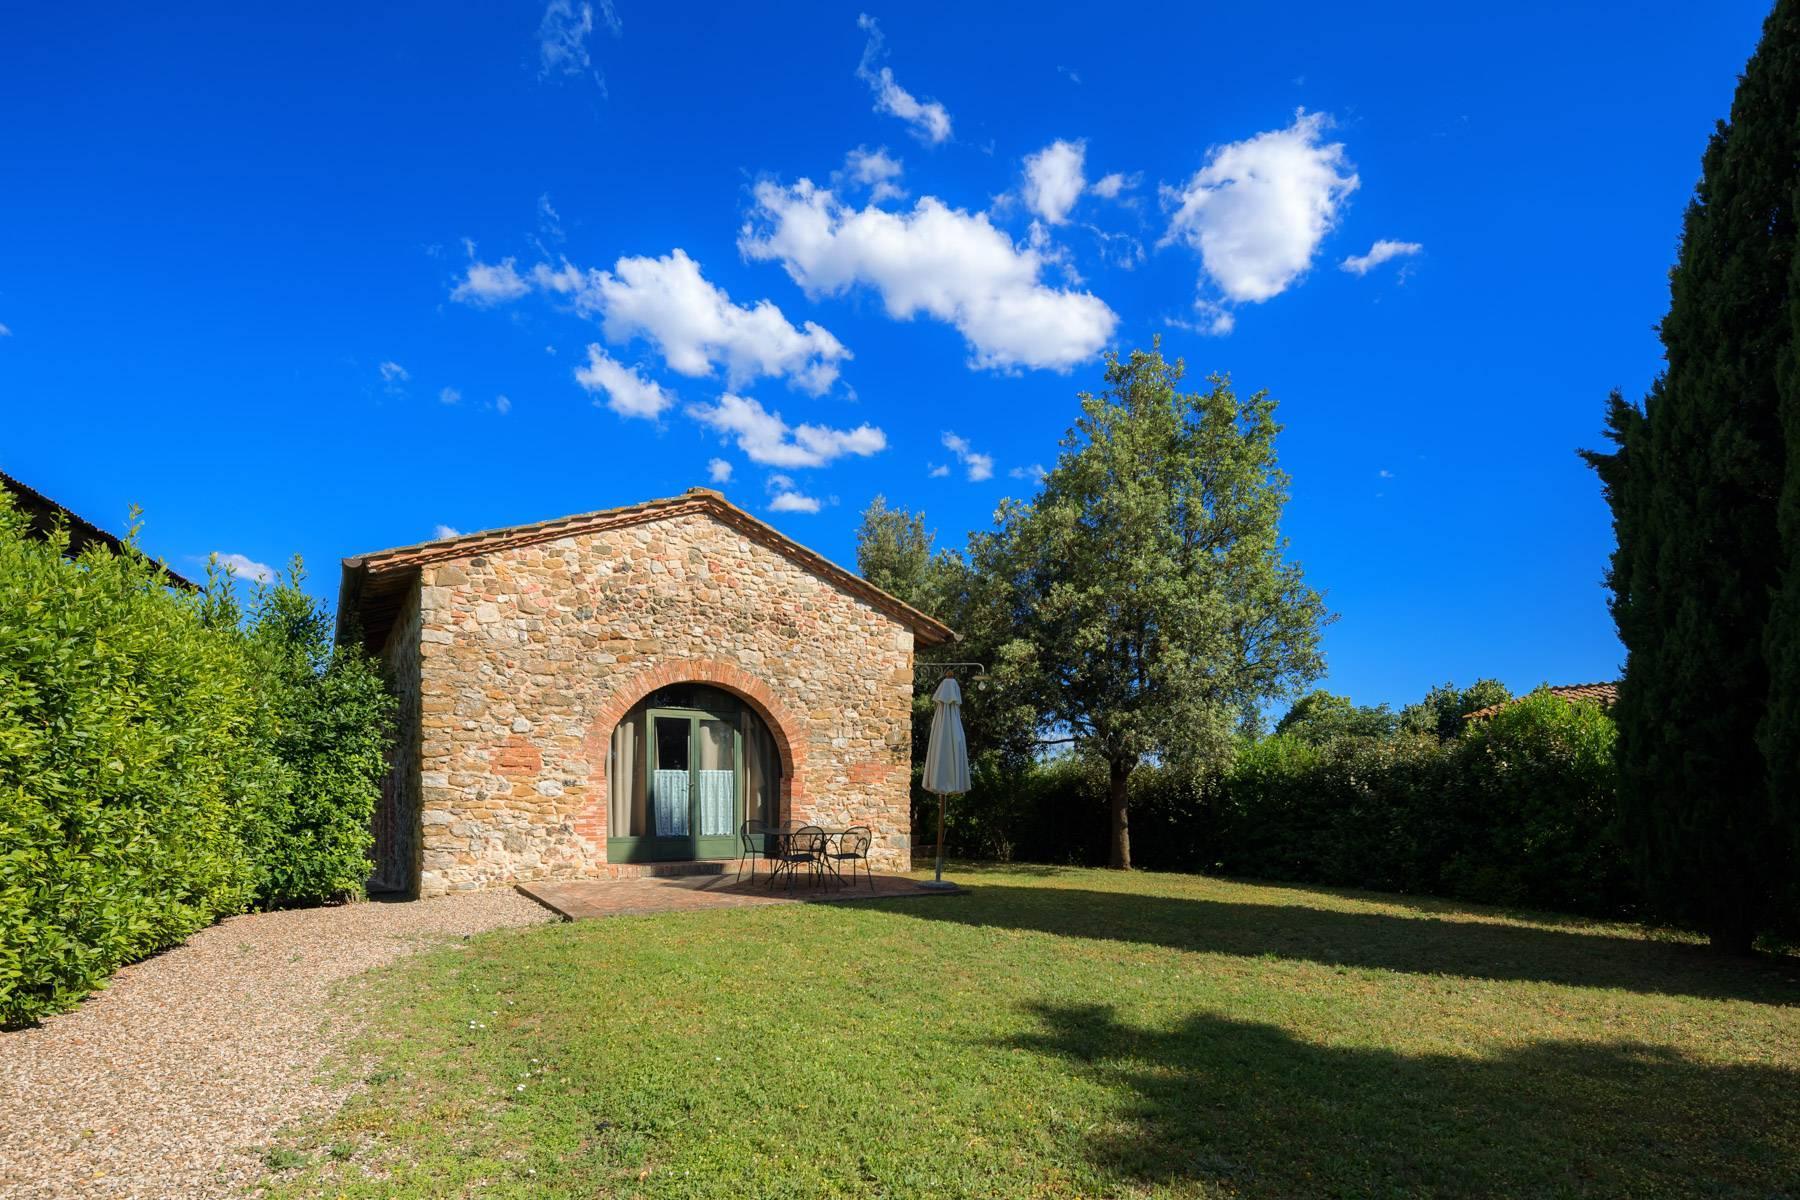 Storica fattoria nel cuore del Chianti Classico - 3